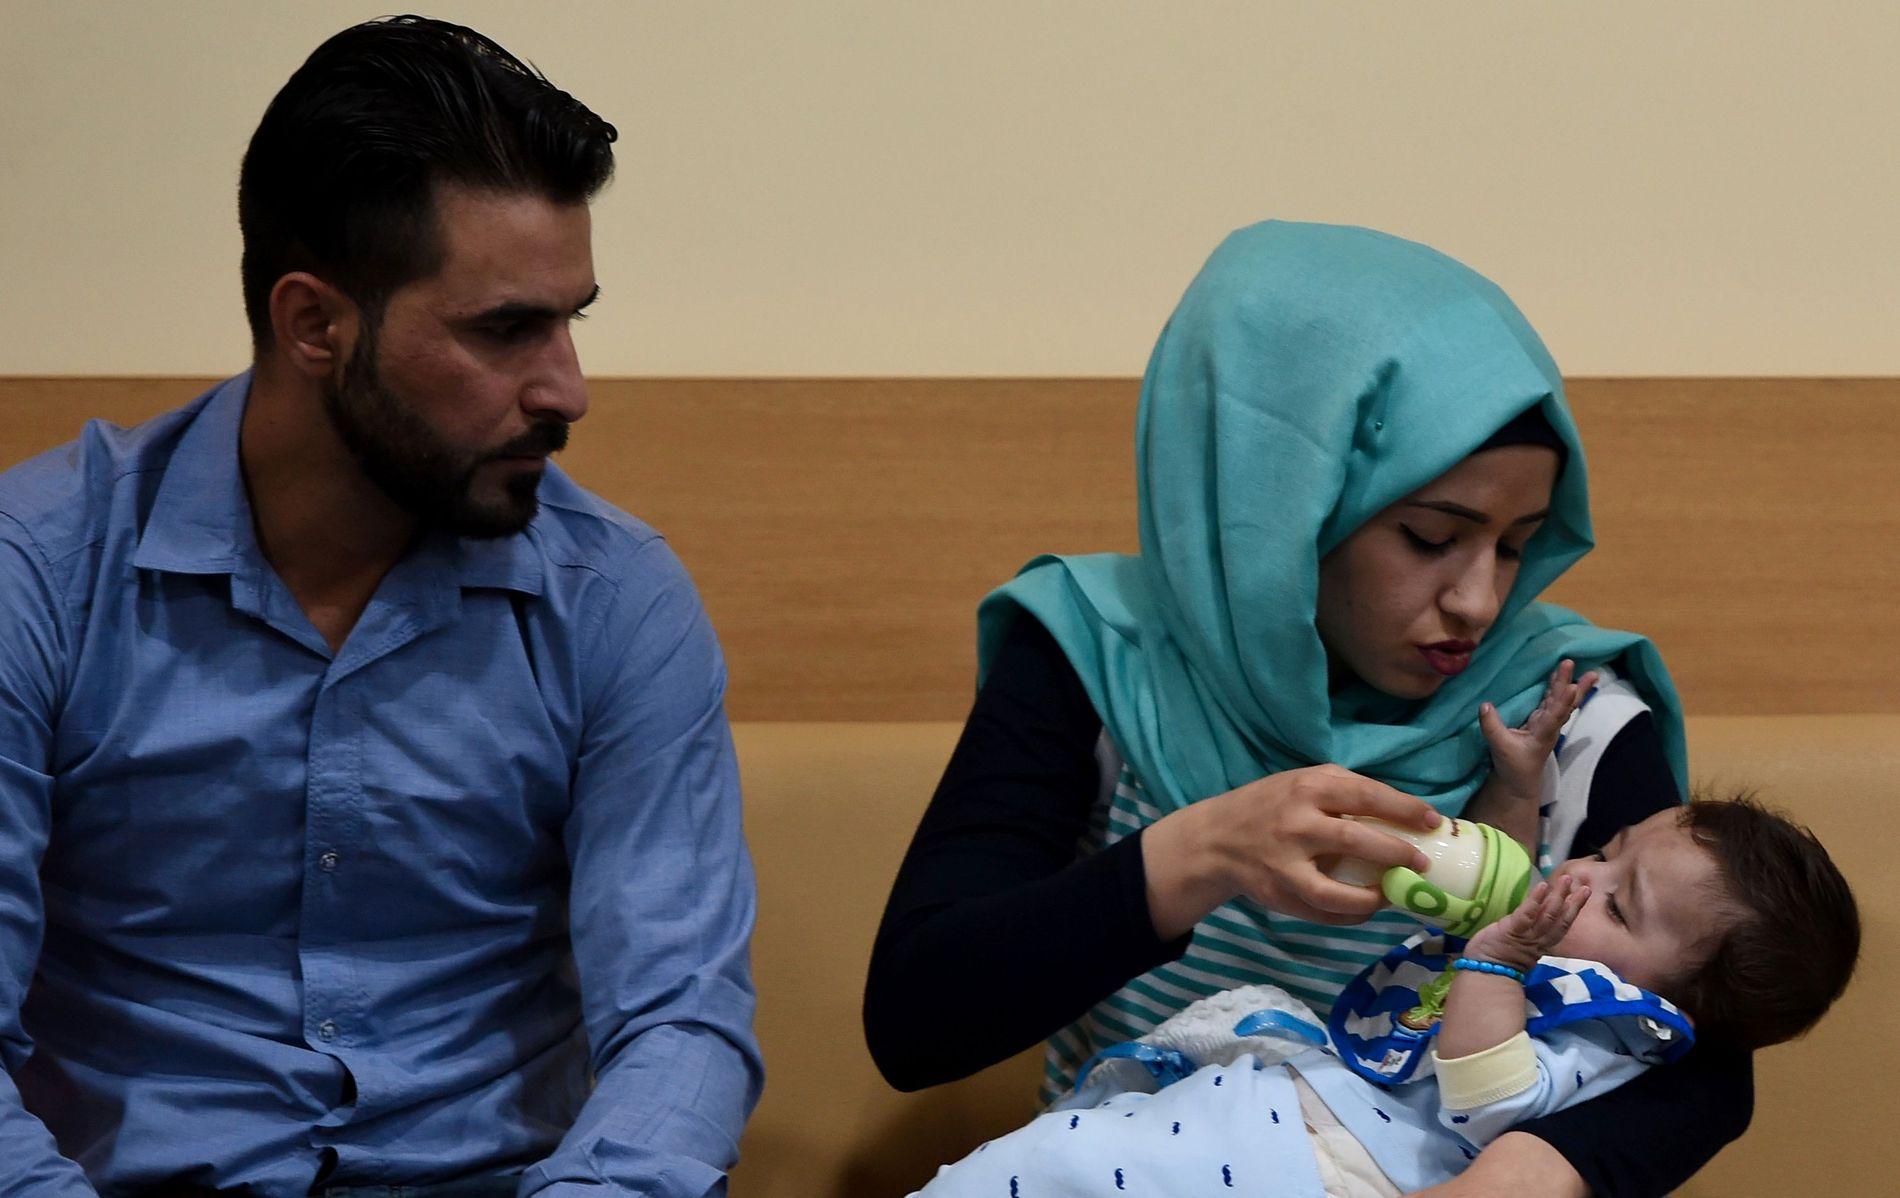 FAMILIE PÅ TRE: Mamma Gufran Ali med Karam i armene mens pappa Sarwed Ahmed Nadar ser på.